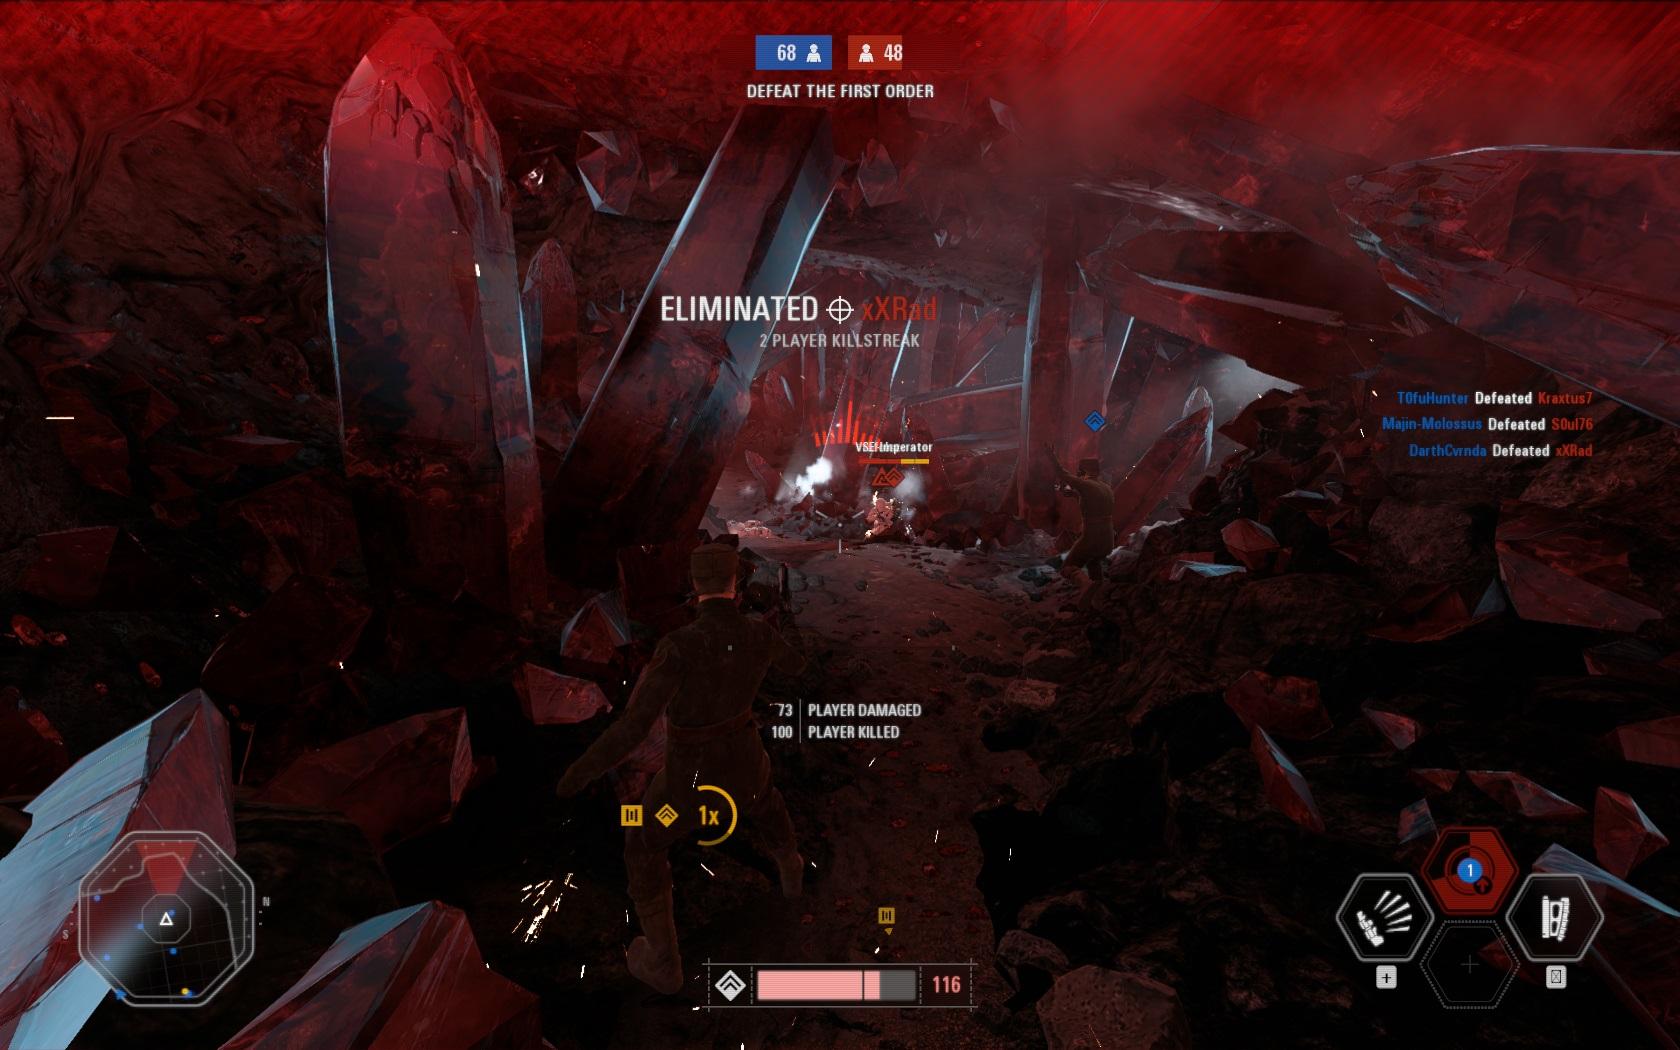 Patch Star Wars: Battlefrontu 2 přidává mapu pro Blast a hrdinskou stíhačku TIE 154895